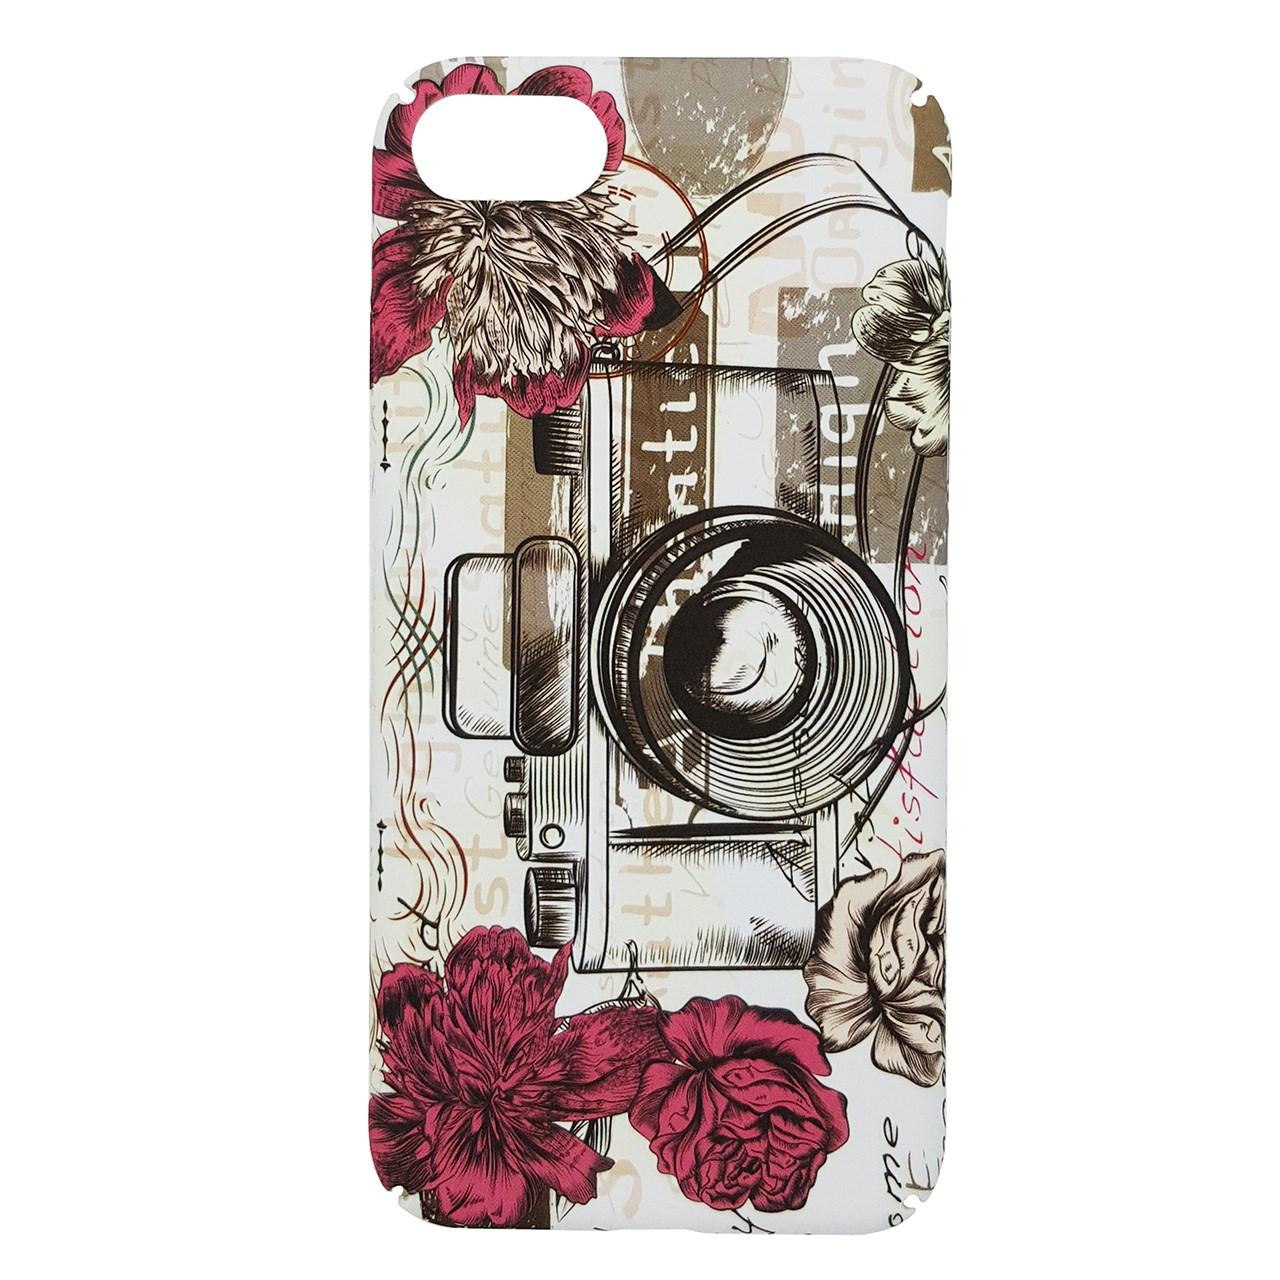 کاور جیمی مدل Camera  مناسب برای گوشی Apple iPhone 6